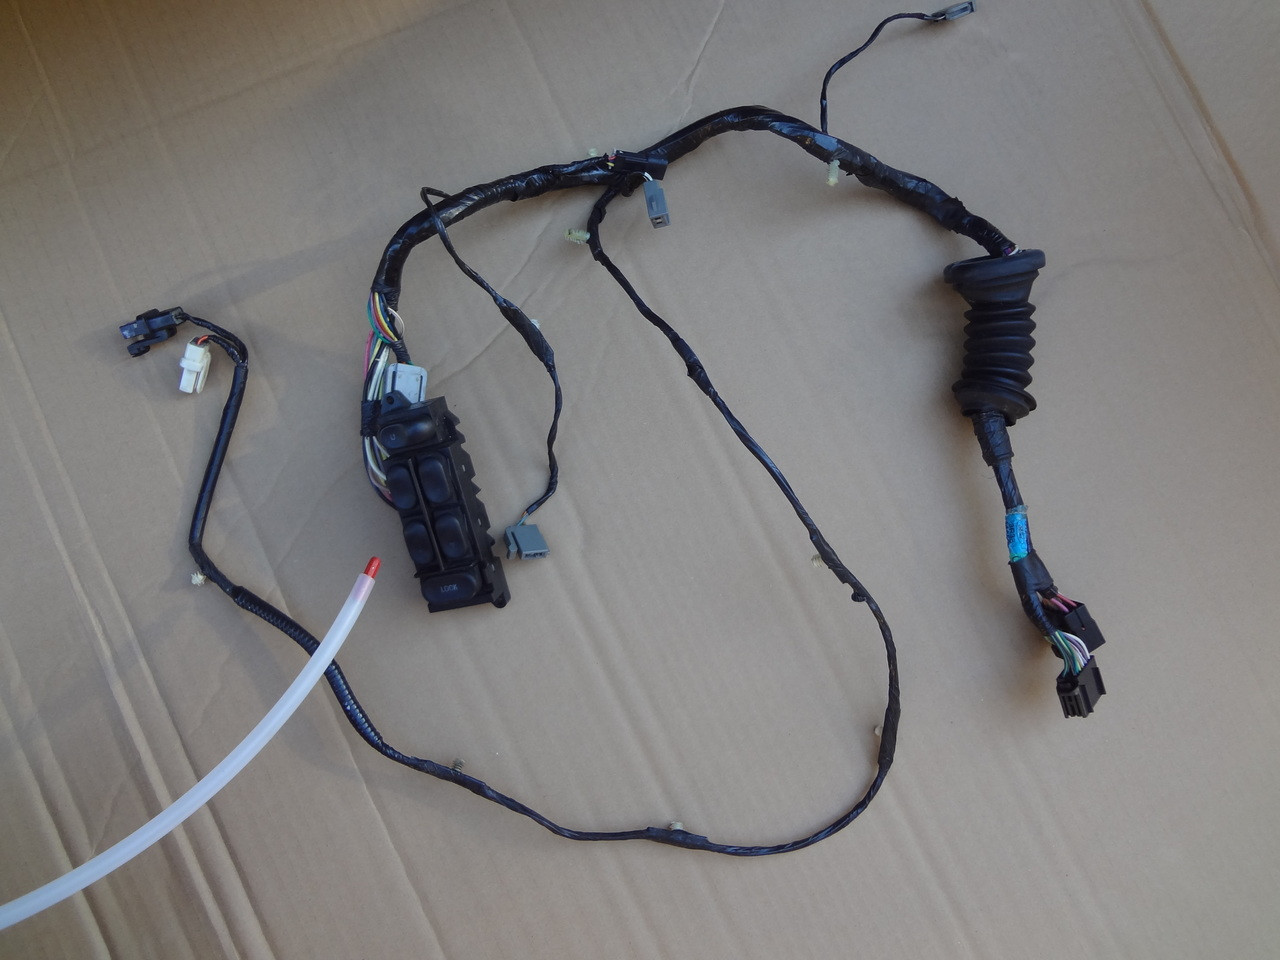 2003 2004 mustang cobra lh convertible door wire harness \u0026 switch 2004 Mustang Oil Pump 2003 2004 mustang cobra lh convertible door wire harness \u0026 switch 3r33 14a509